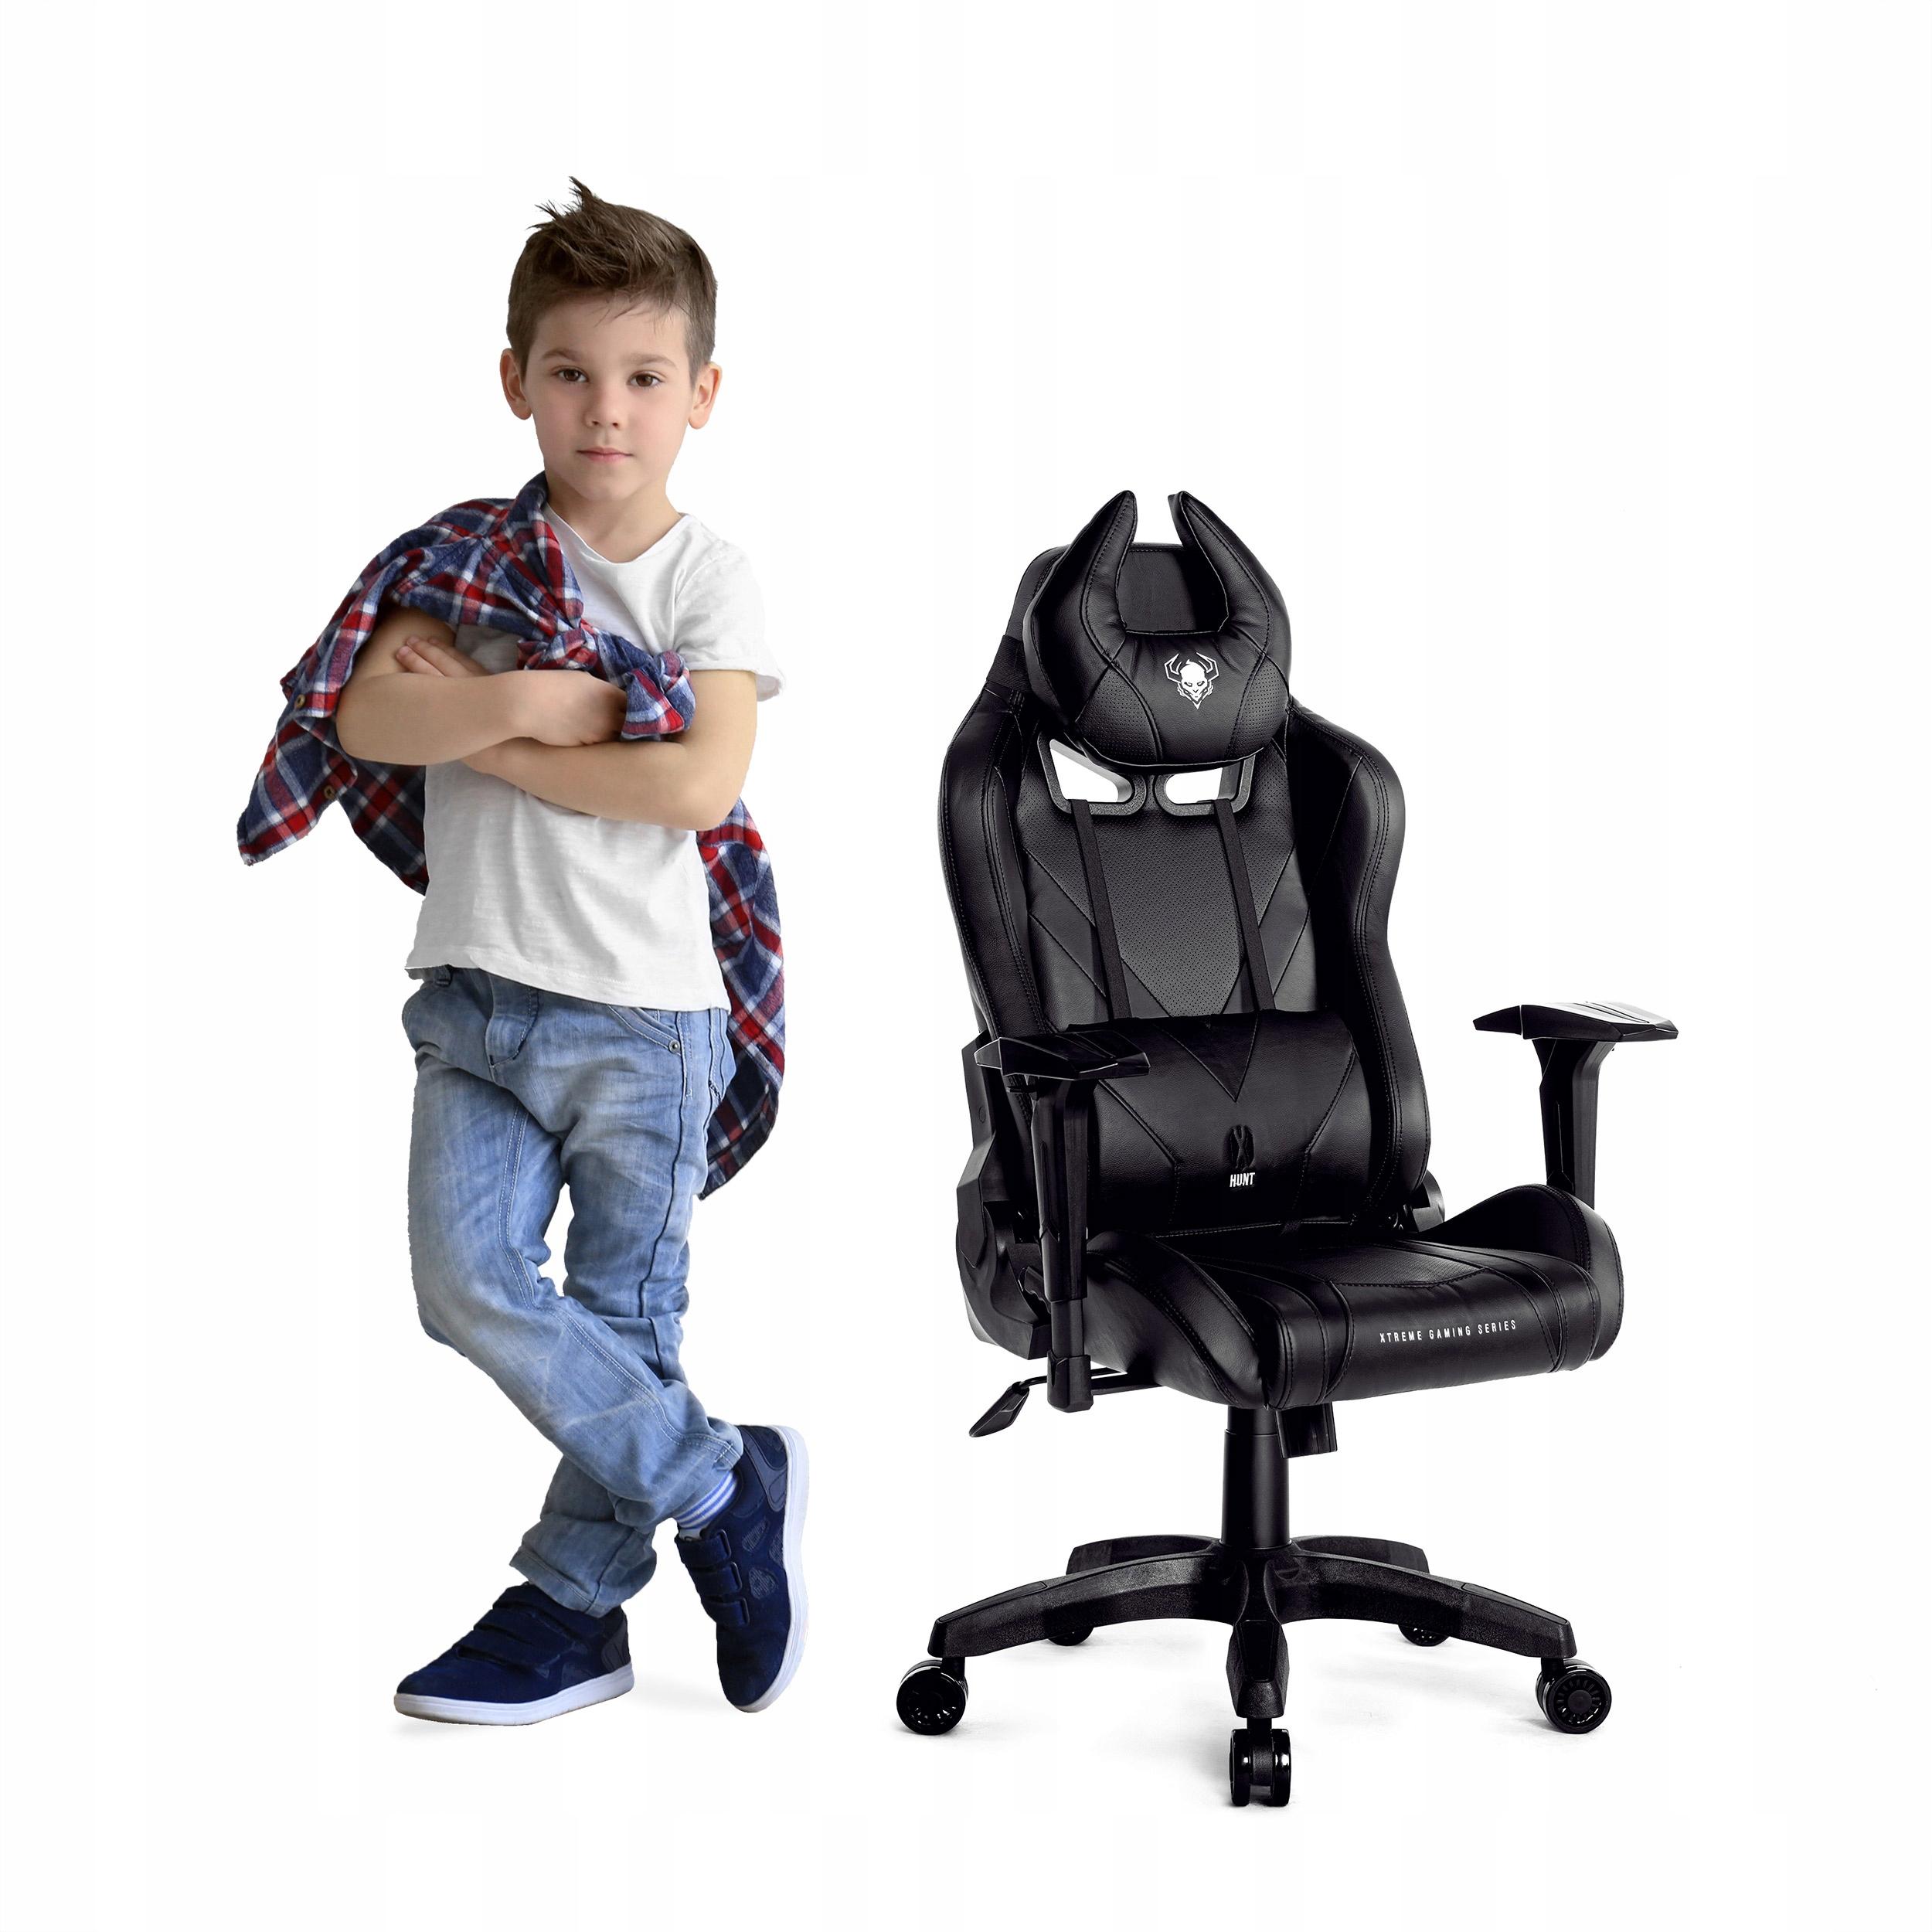 ДЕТСКИЙ стул DIABLO X-HUNT для ПОВОРОТНОГО стола